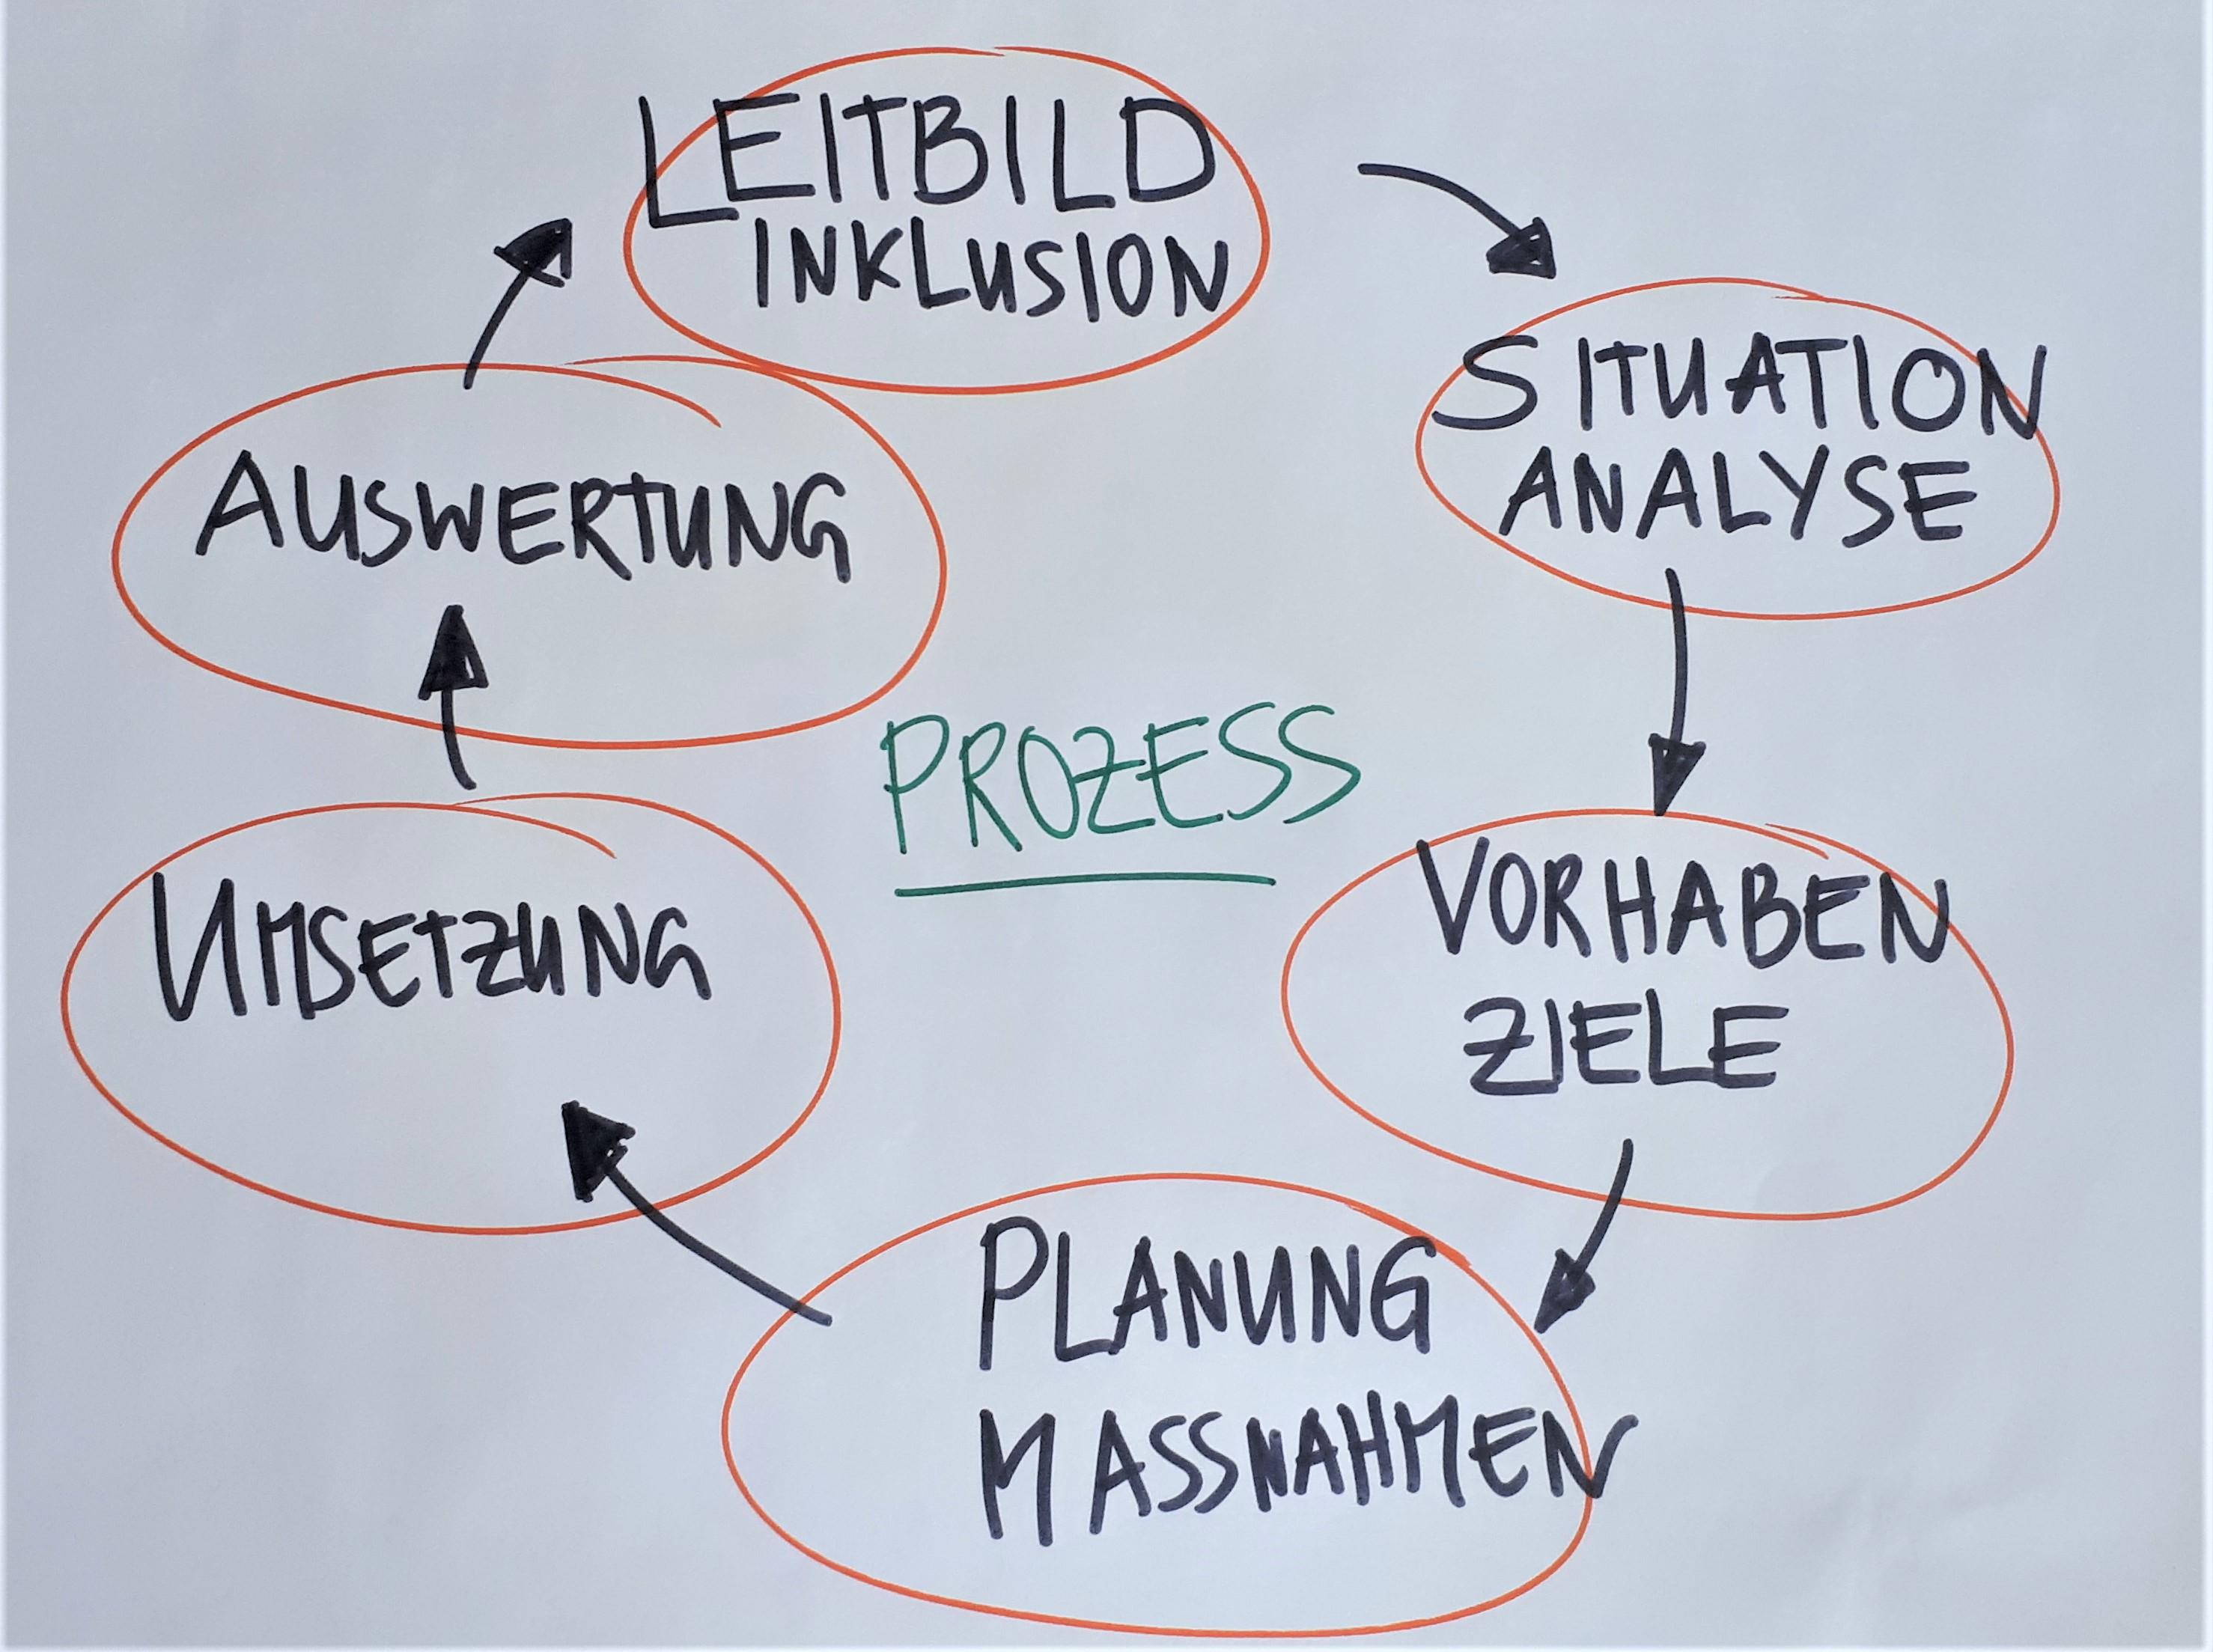 Eine schematische Darstellung eines Prozesses als Kreislauf. Oben beginnend steht und dann im Uhrzeigersinn fortlaufend: Leitbild Inklusion. Situation Analyse, Vorhaben Ziele, Planung Maßnahmen, Umsetzung, Auswertung.